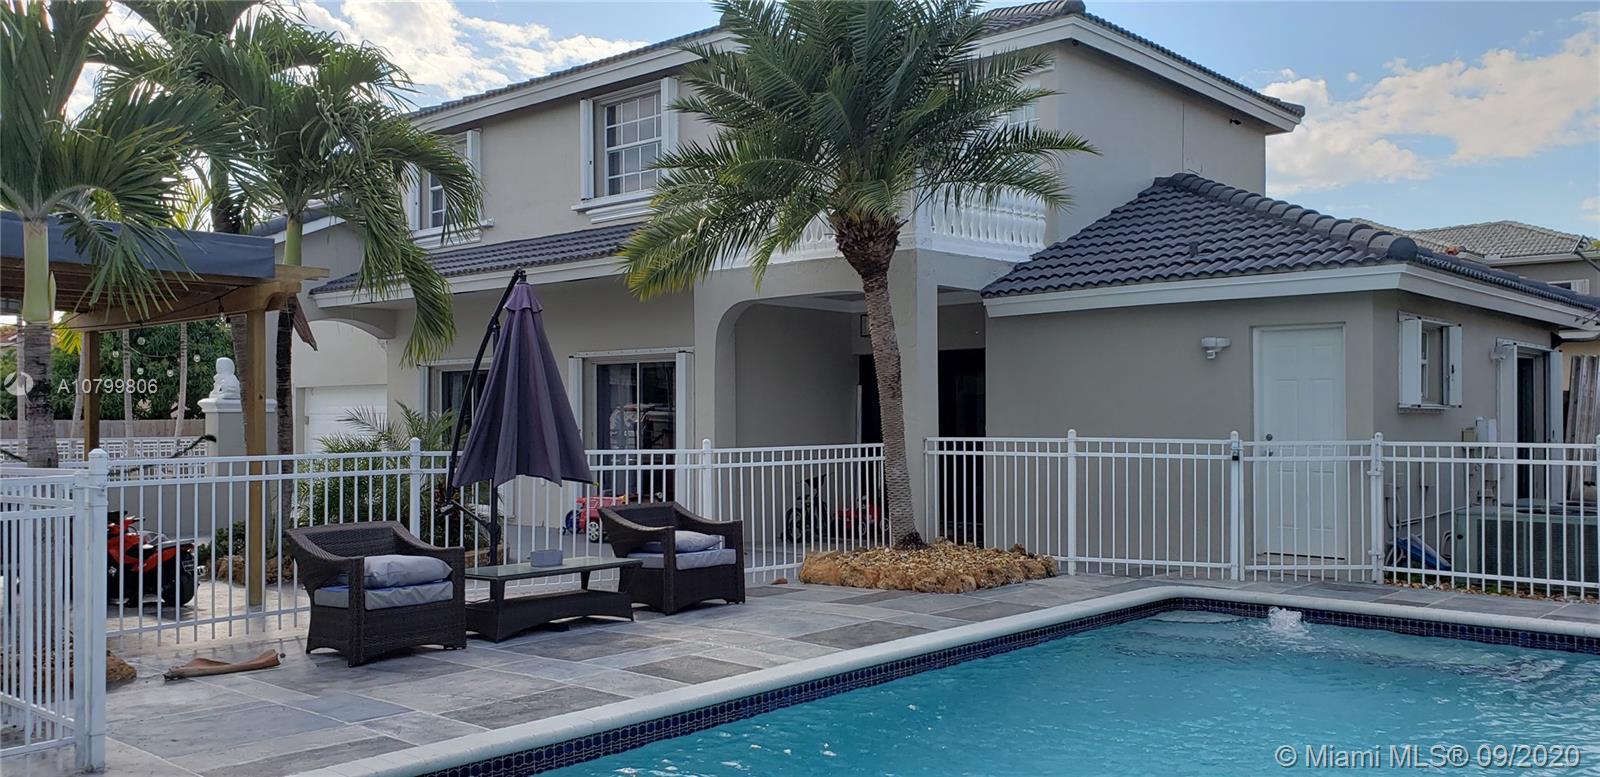 15413 SW 92nd St, Miami, FL 33196